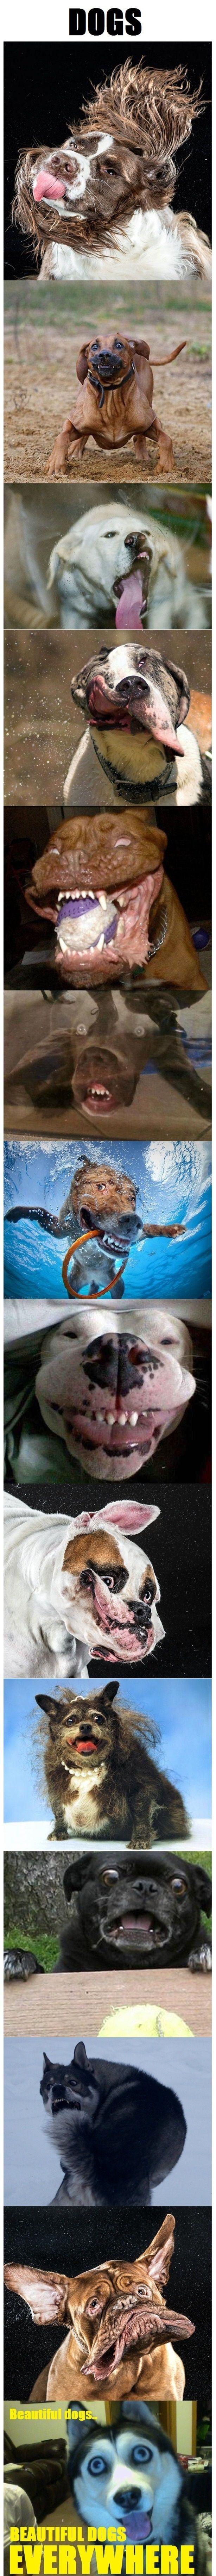 Dogs - www.meme-lol.com